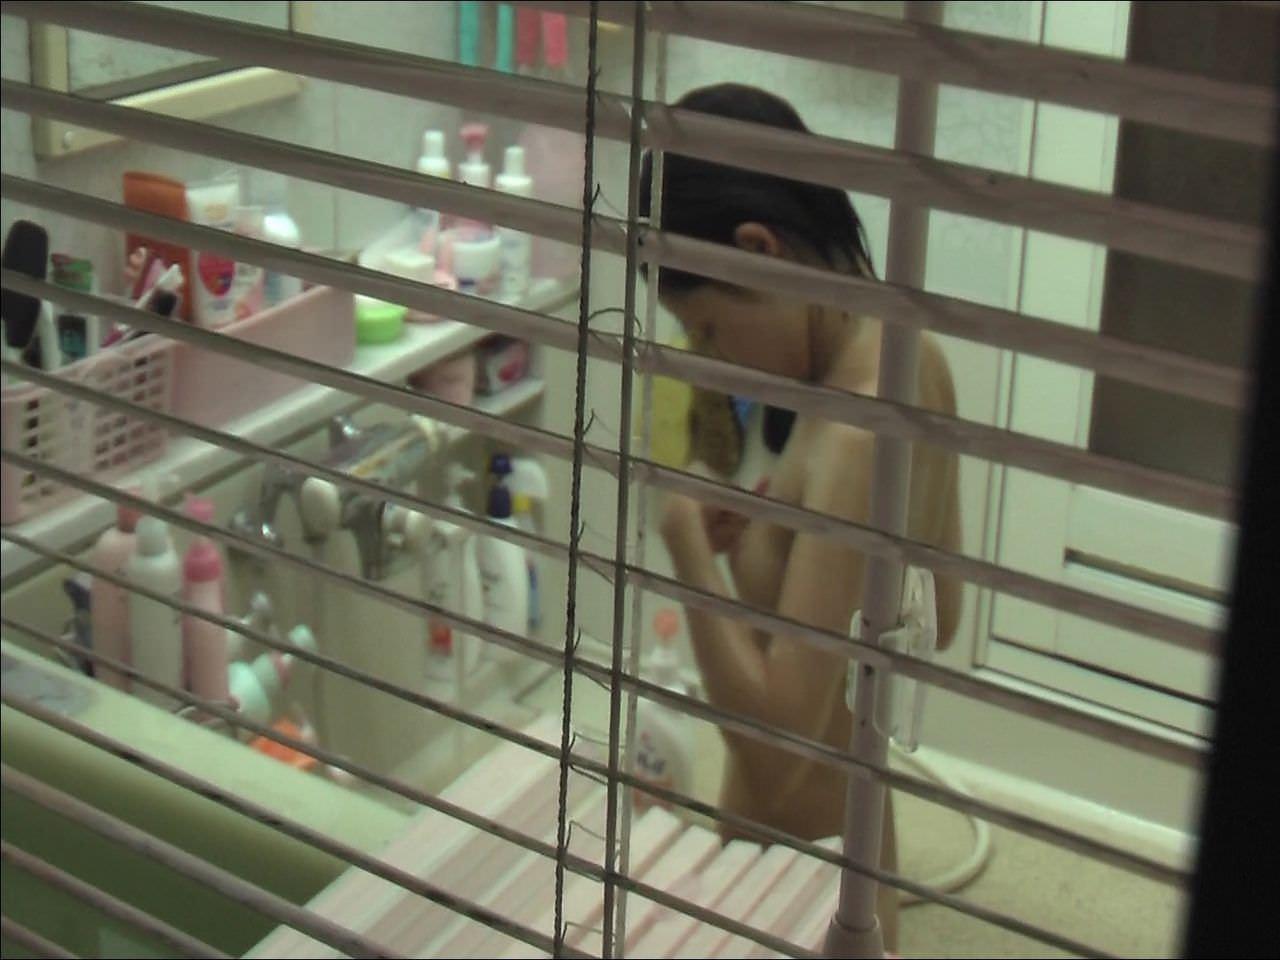 素人娘が自宅や更衣室で着替えてる姿をガチ隠し撮りしたヤバいエロ画像 2925